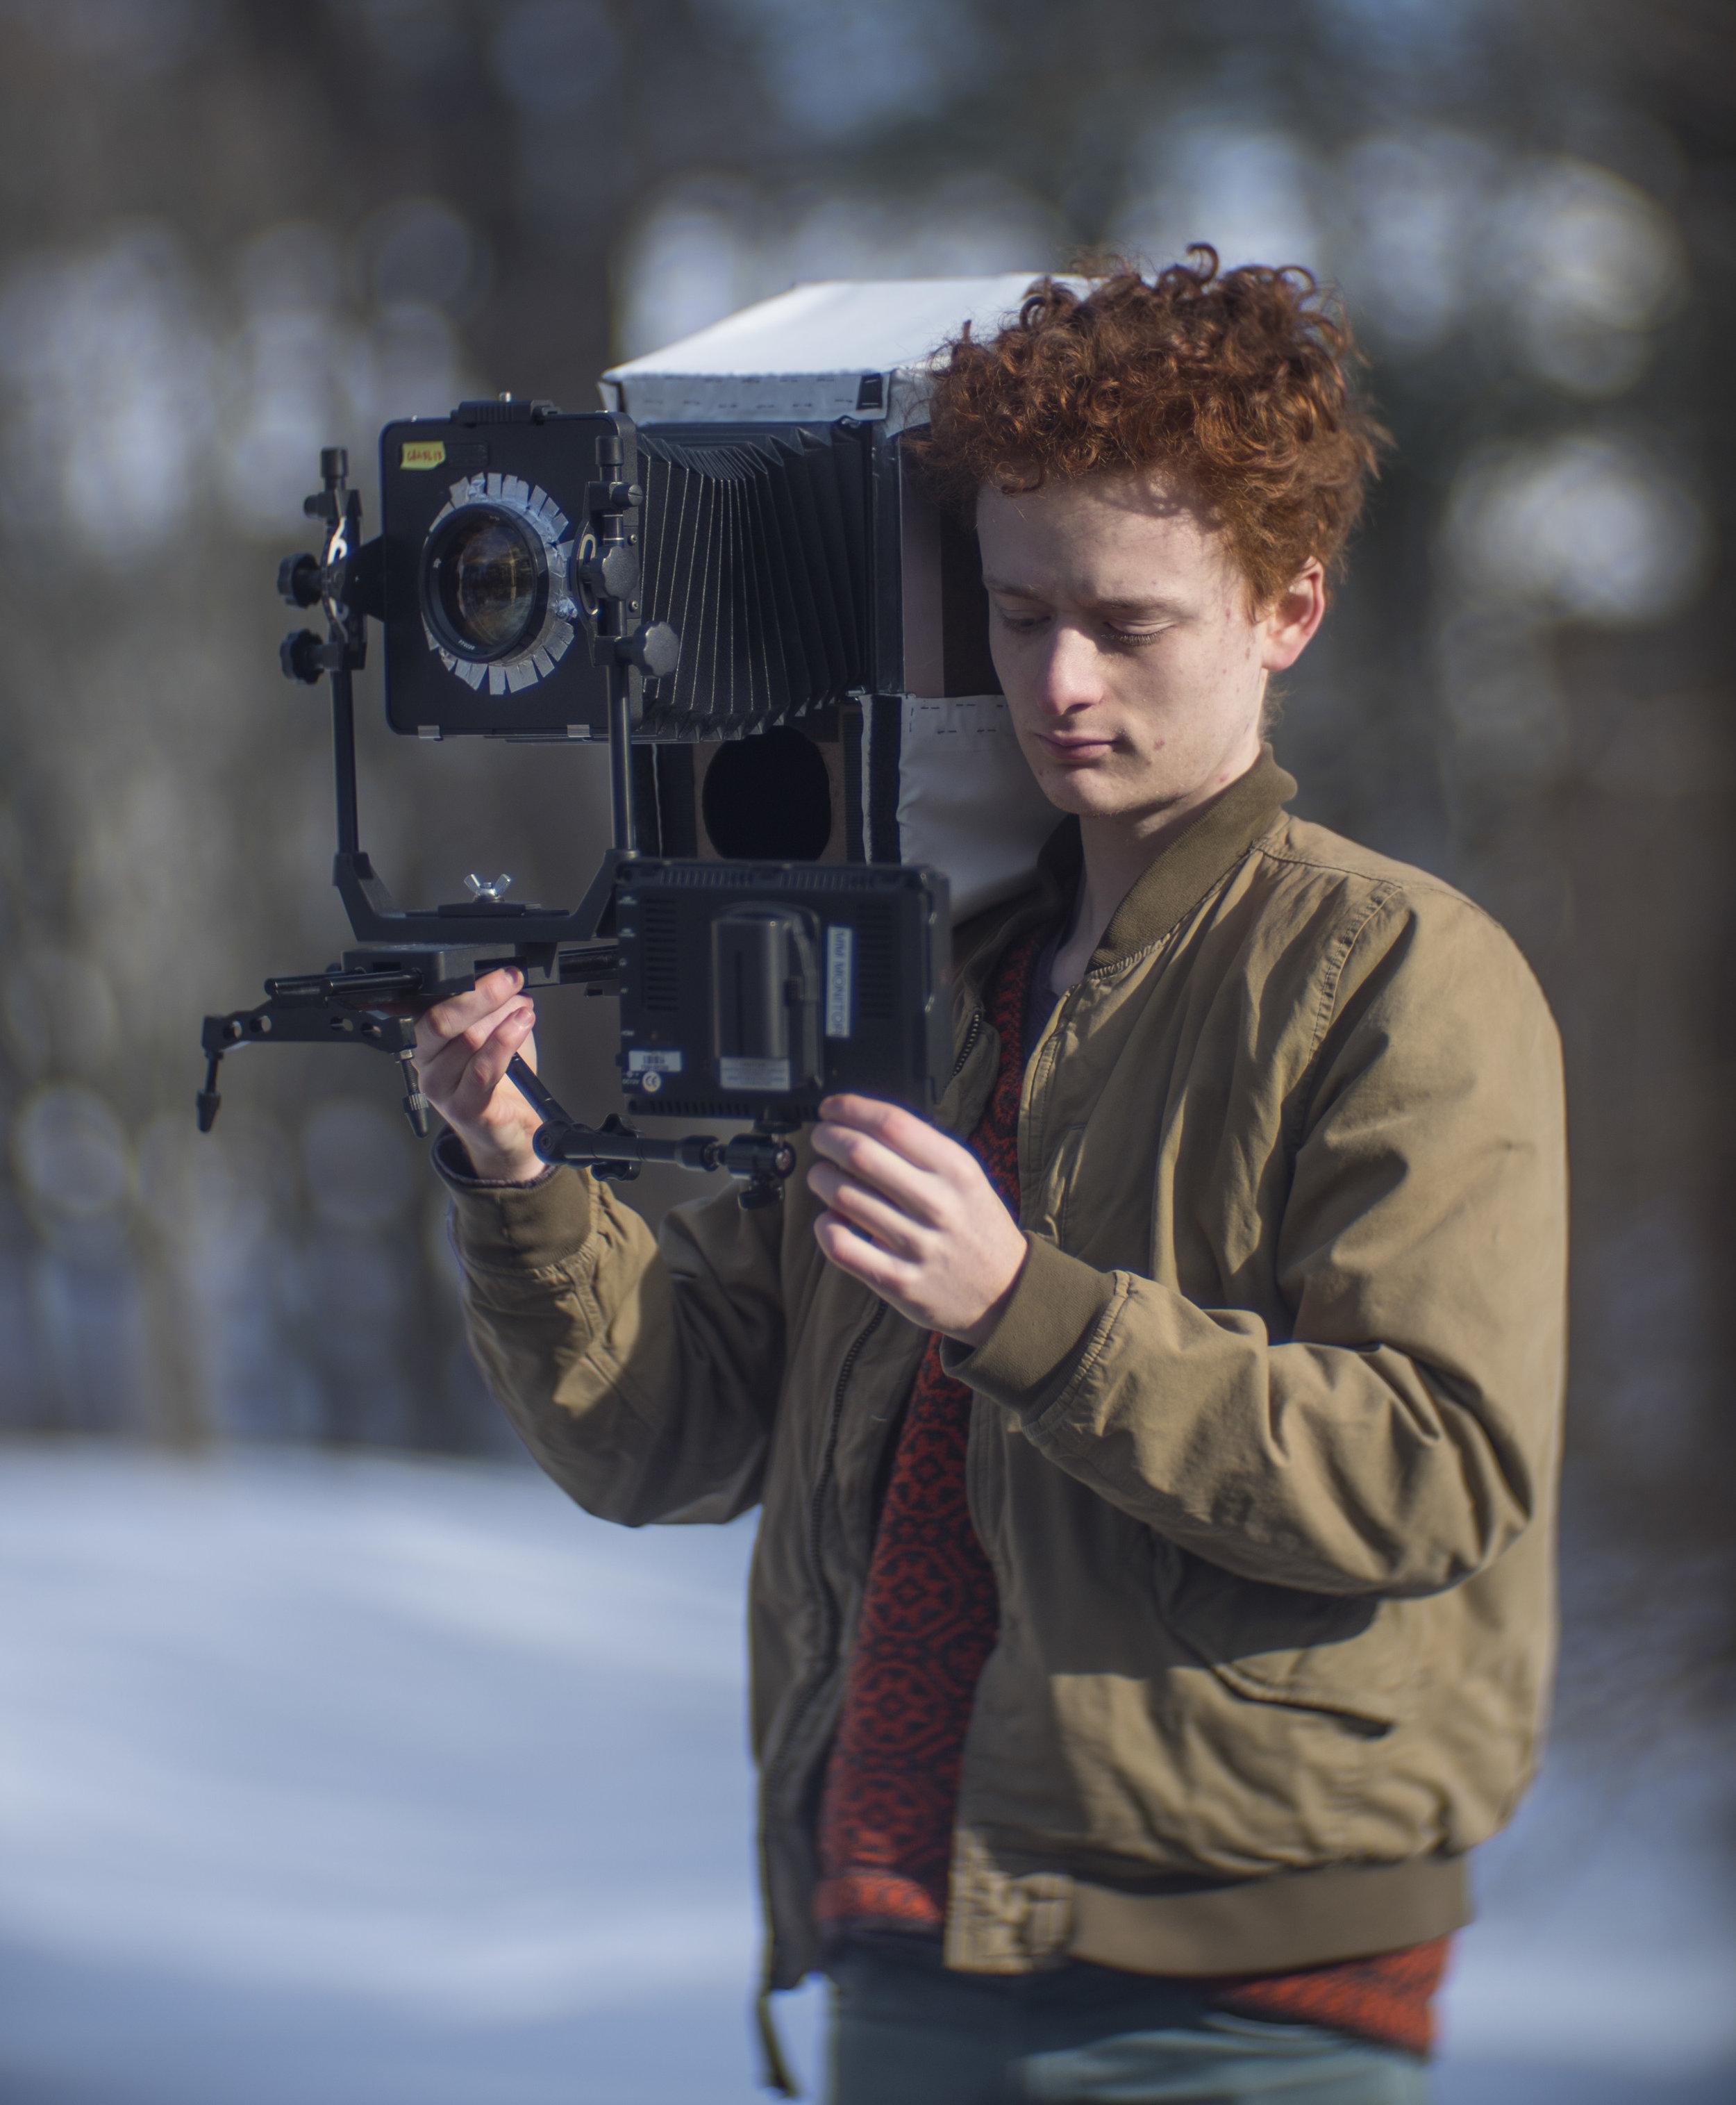 Zev Hoover's large format video camera